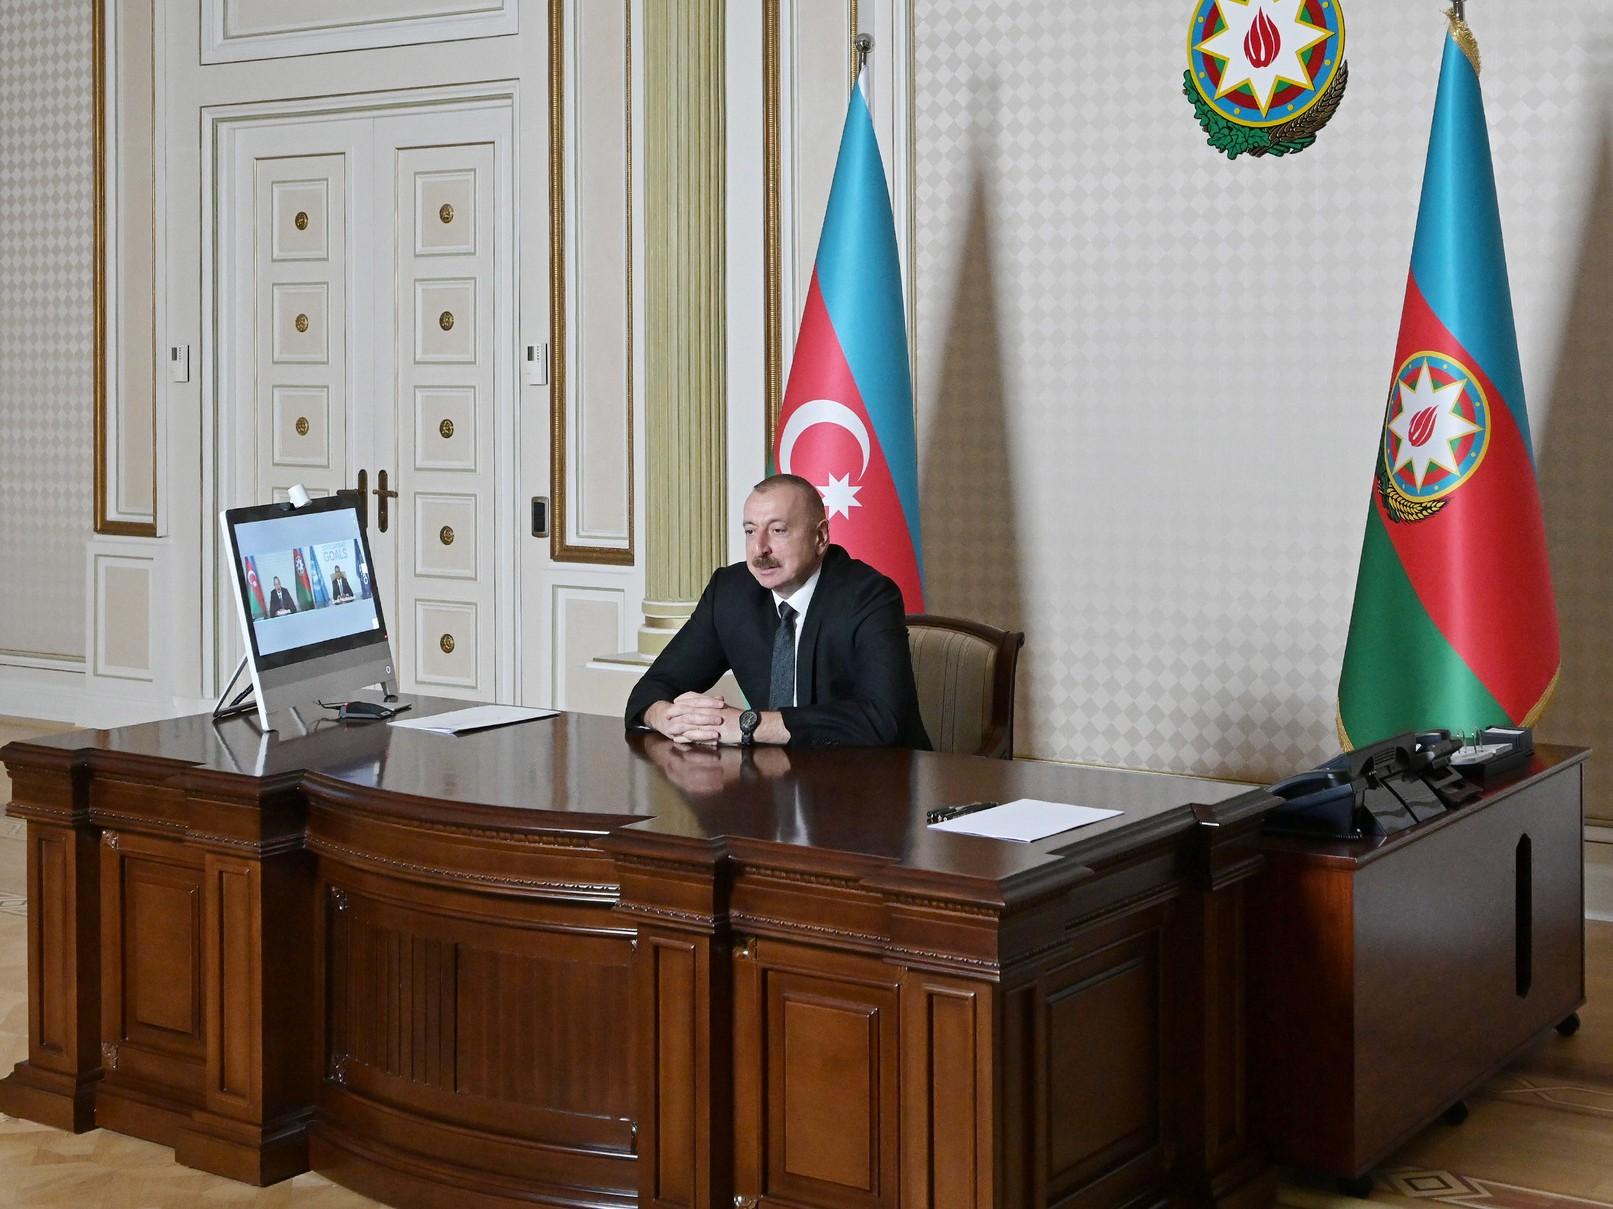 >Azərbaycan Prezidenti İlham Əliyev və Ümumdünya Turizm Təşkilatının Baş katibi arasında videokonfrans keçirilib